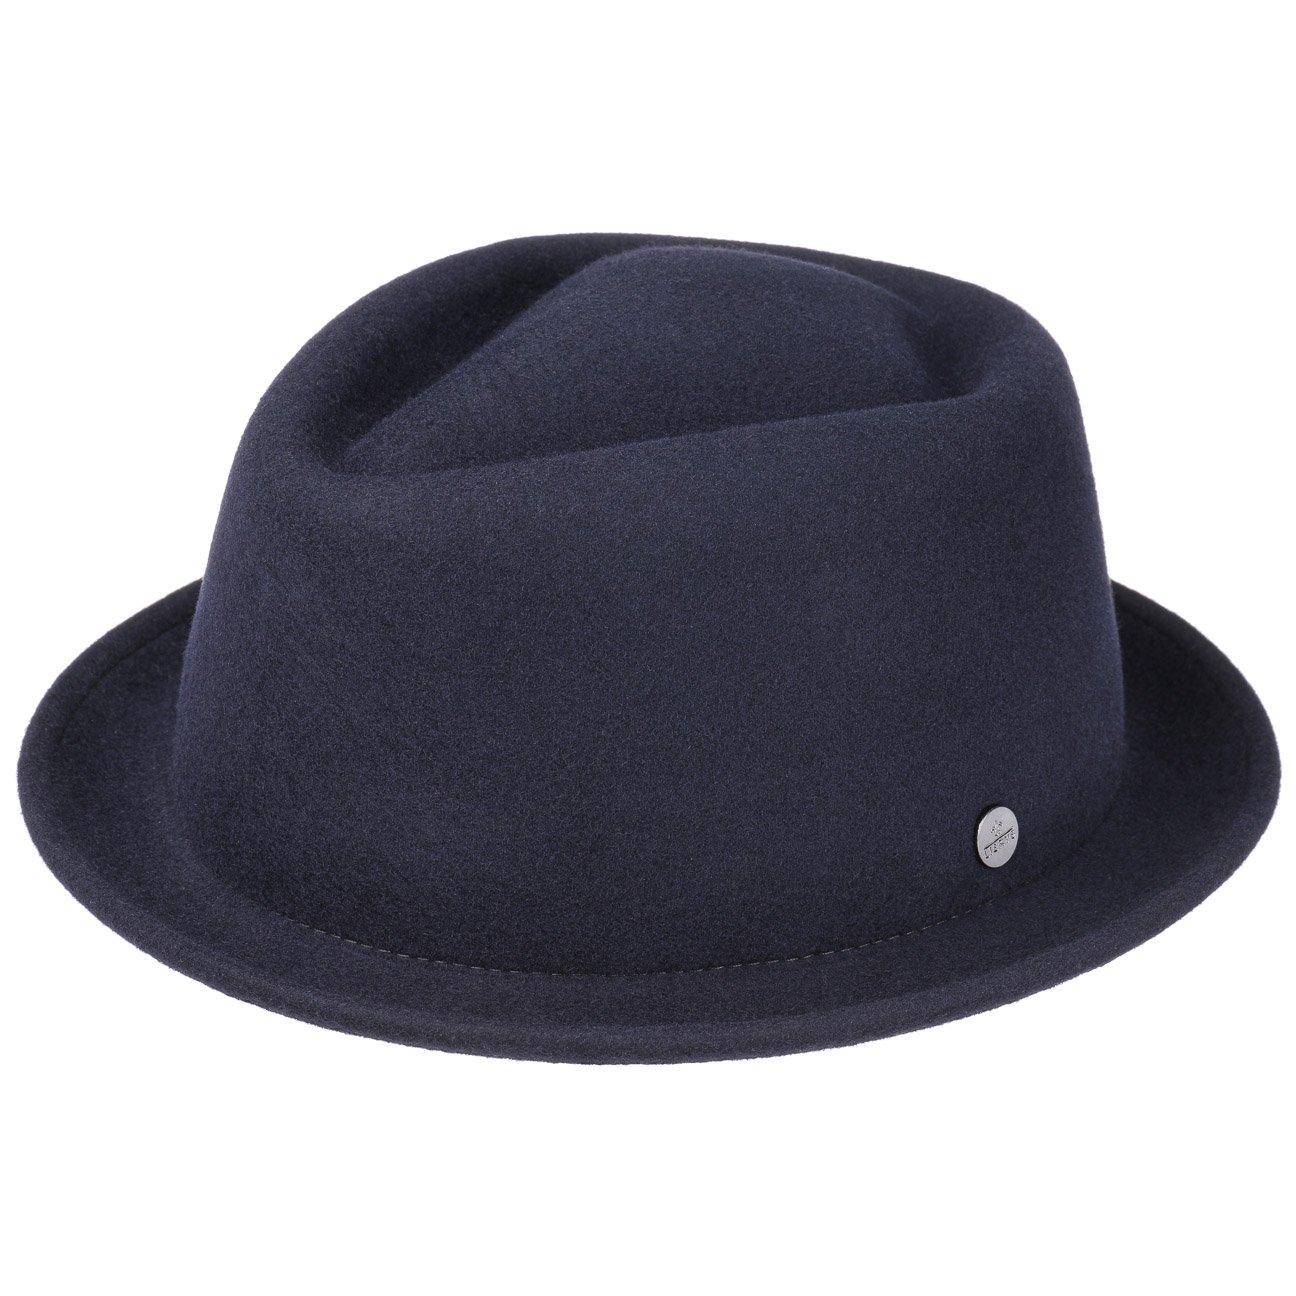 Lierys Blank Pork Pie Ladies/Men's | Felt Hat in S-XL | Pork Pie Made of 100% Wool Felt | A Hat for All Seasons | Wool Felt in Blue and Black